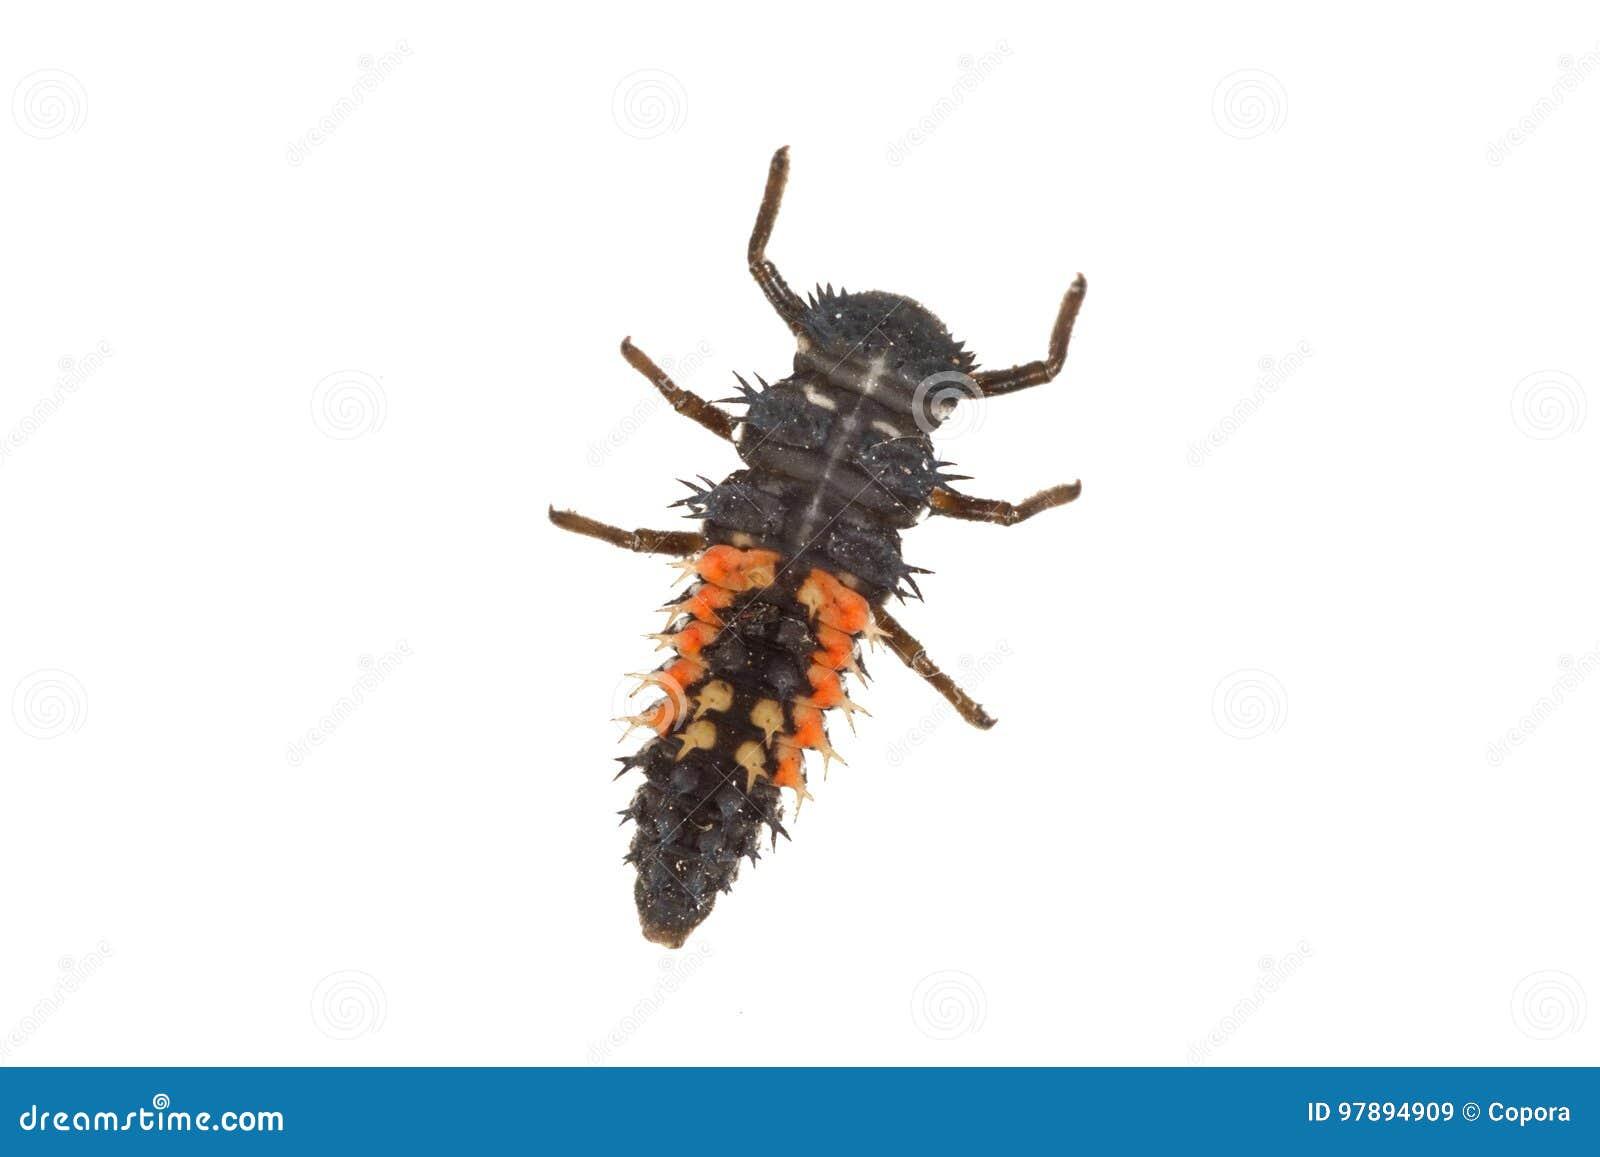 Marienkäferlarve Coccinella auf einem weißen Hintergrund